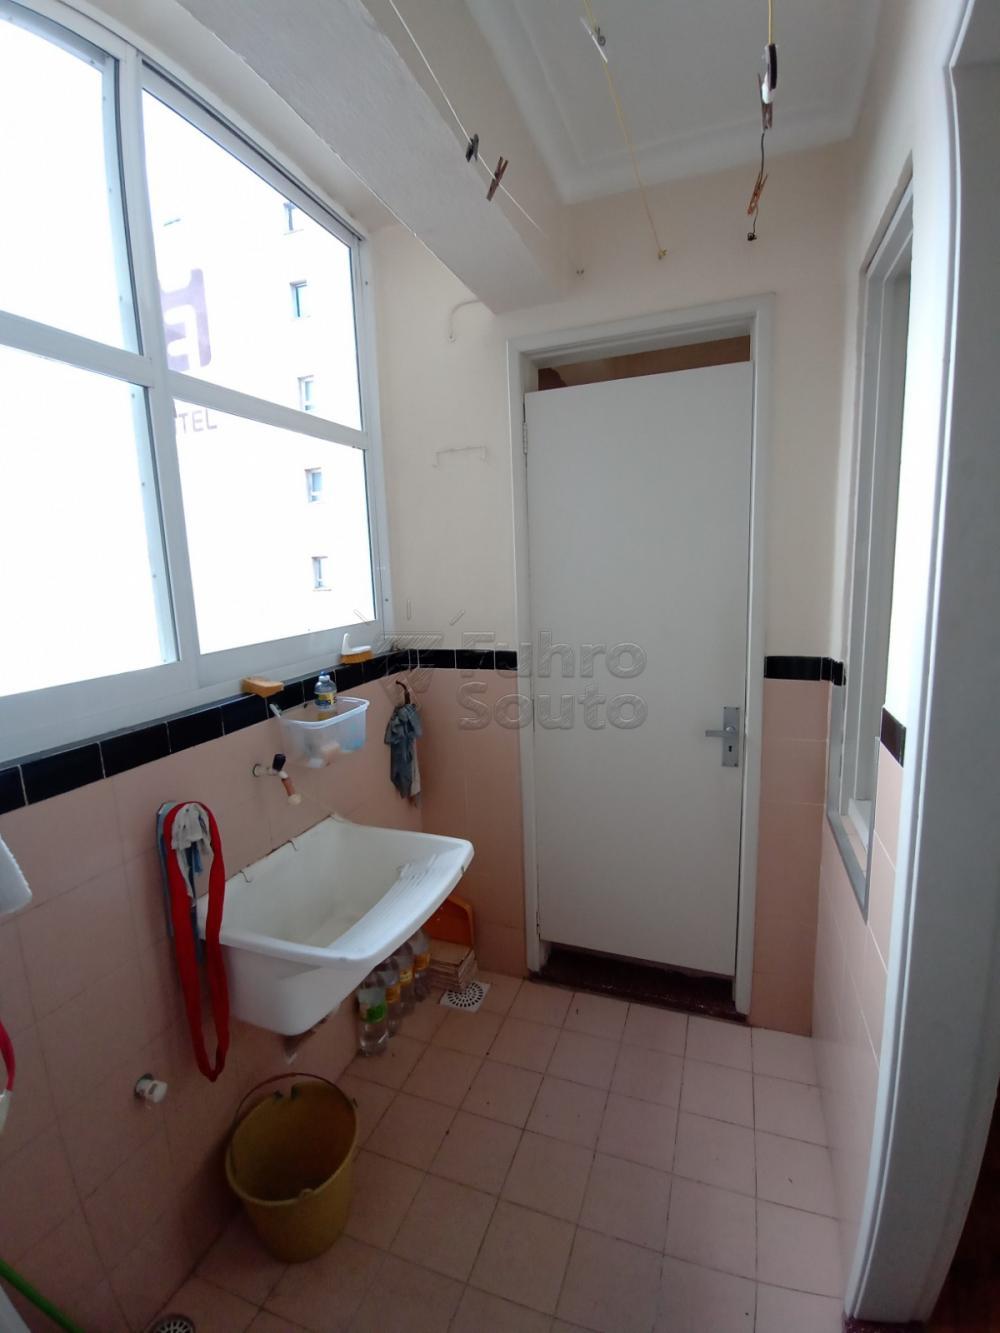 Comprar Apartamento / Padrão em Pelotas R$ 380.000,00 - Foto 14